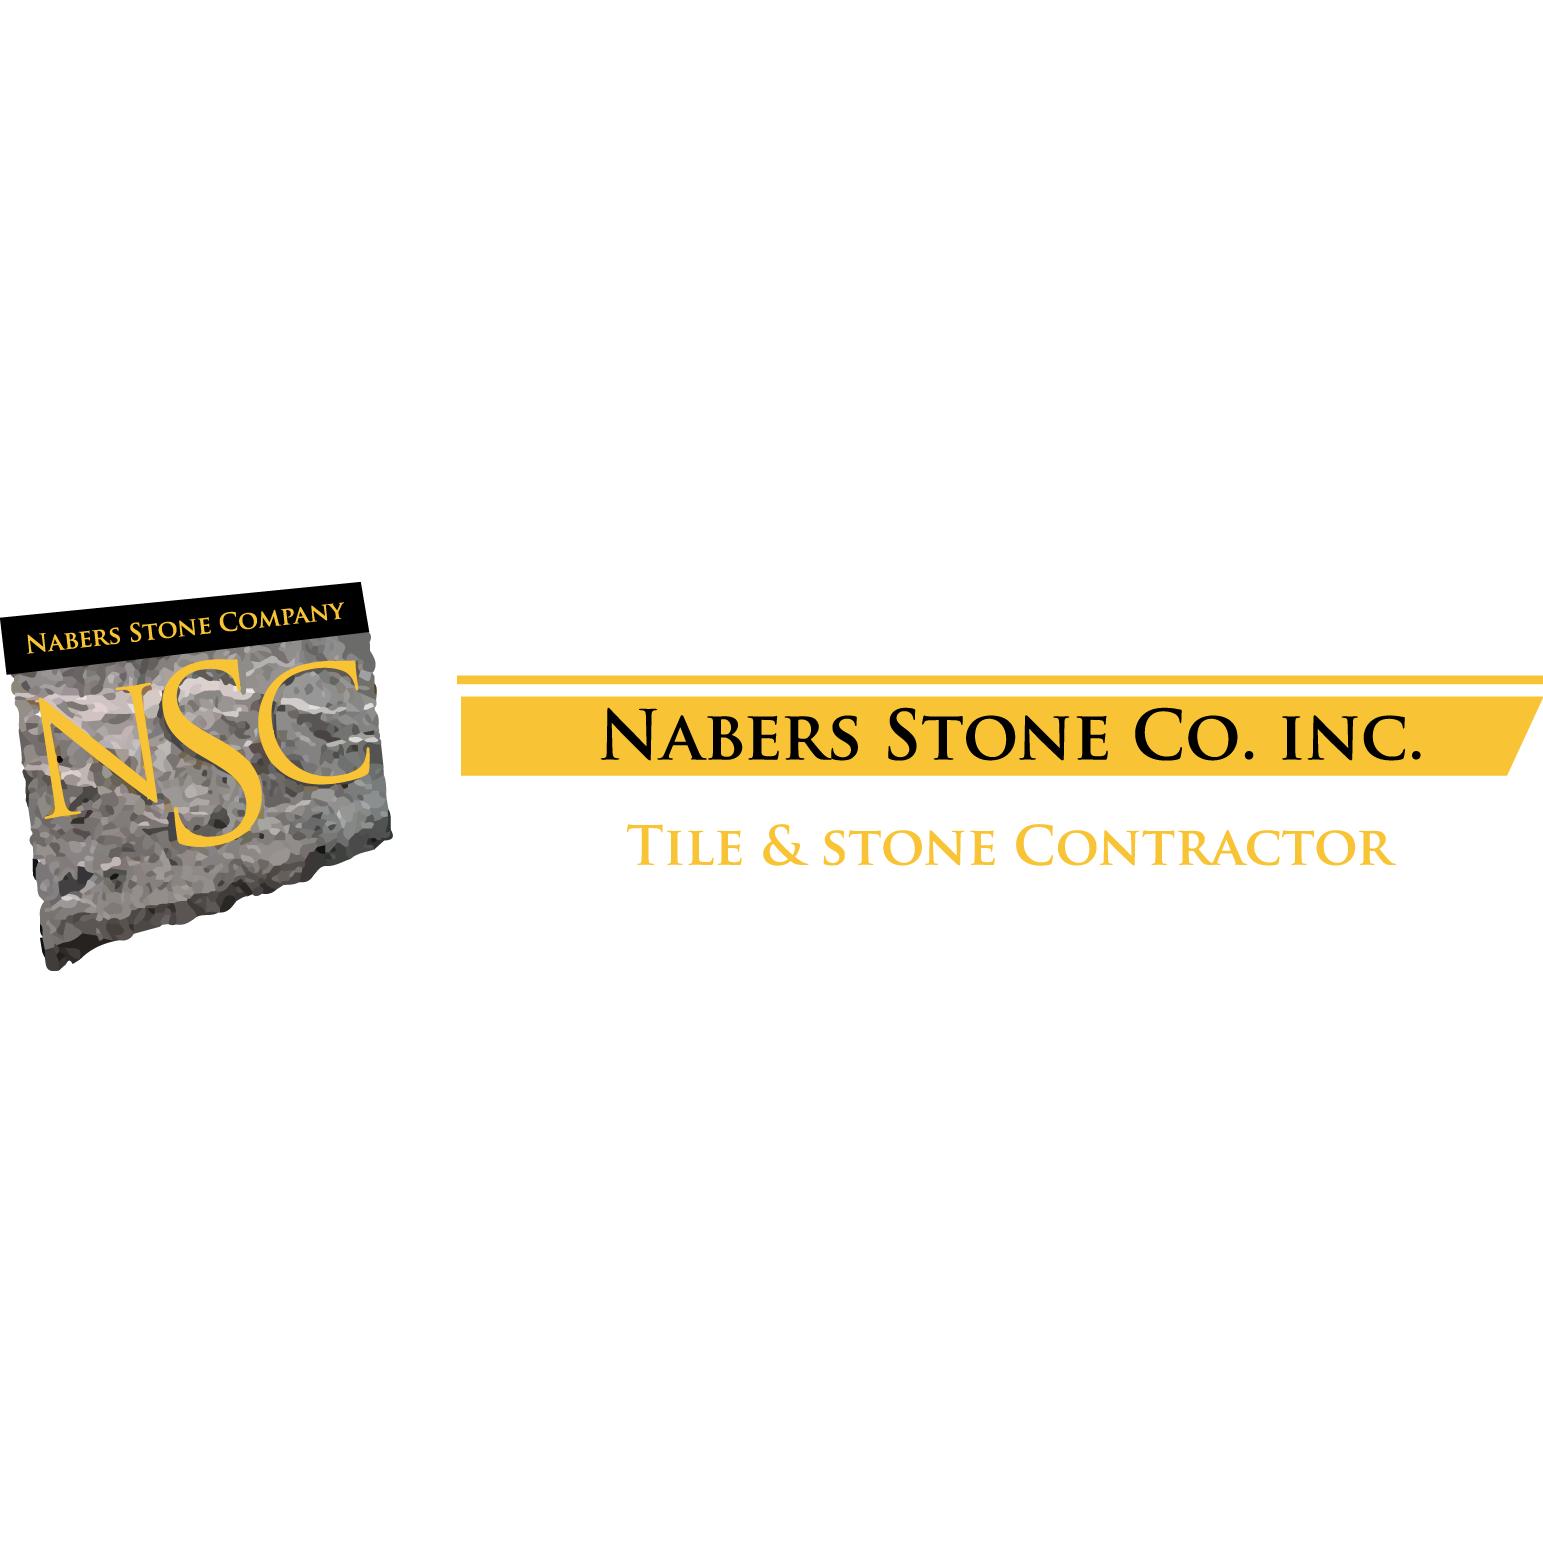 Nabers Stone Co. Inc.